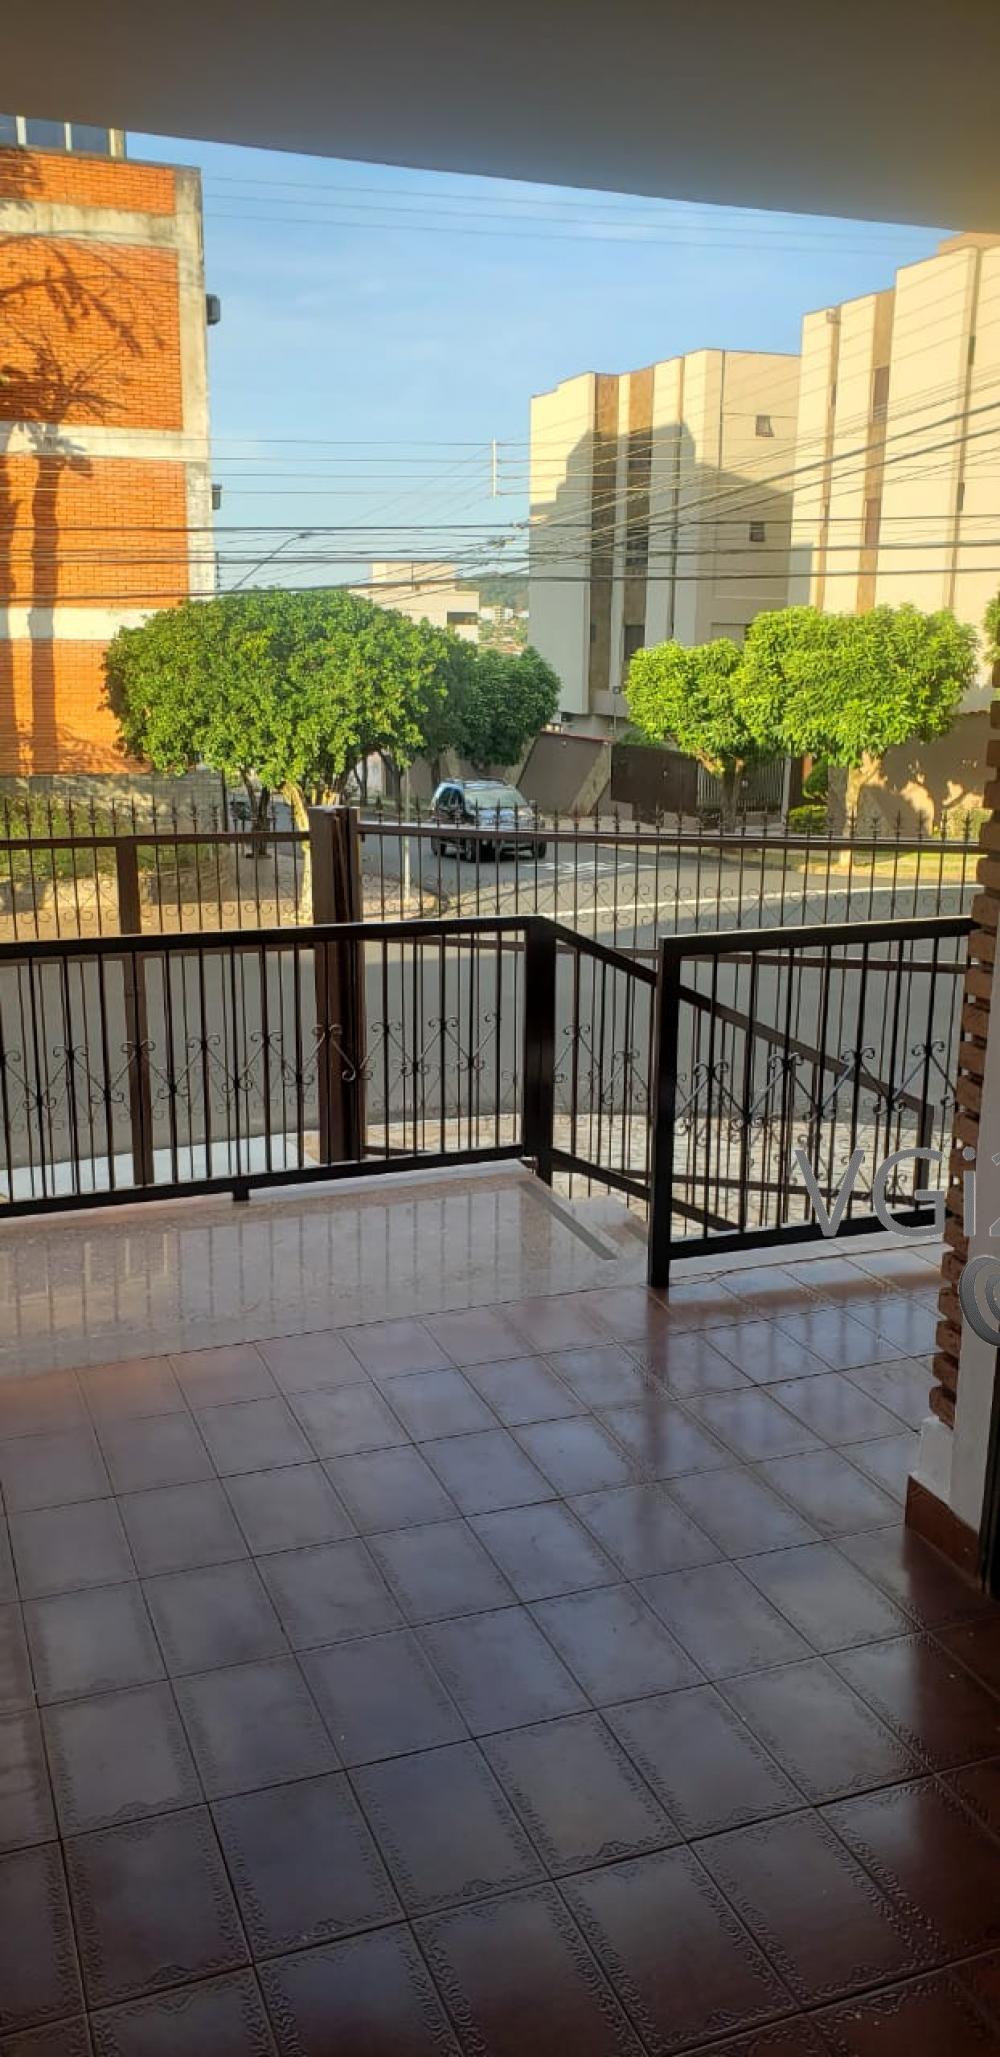 Comprar Casa / Padrão em Ribeirão Preto R$ 435.000,00 - Foto 2